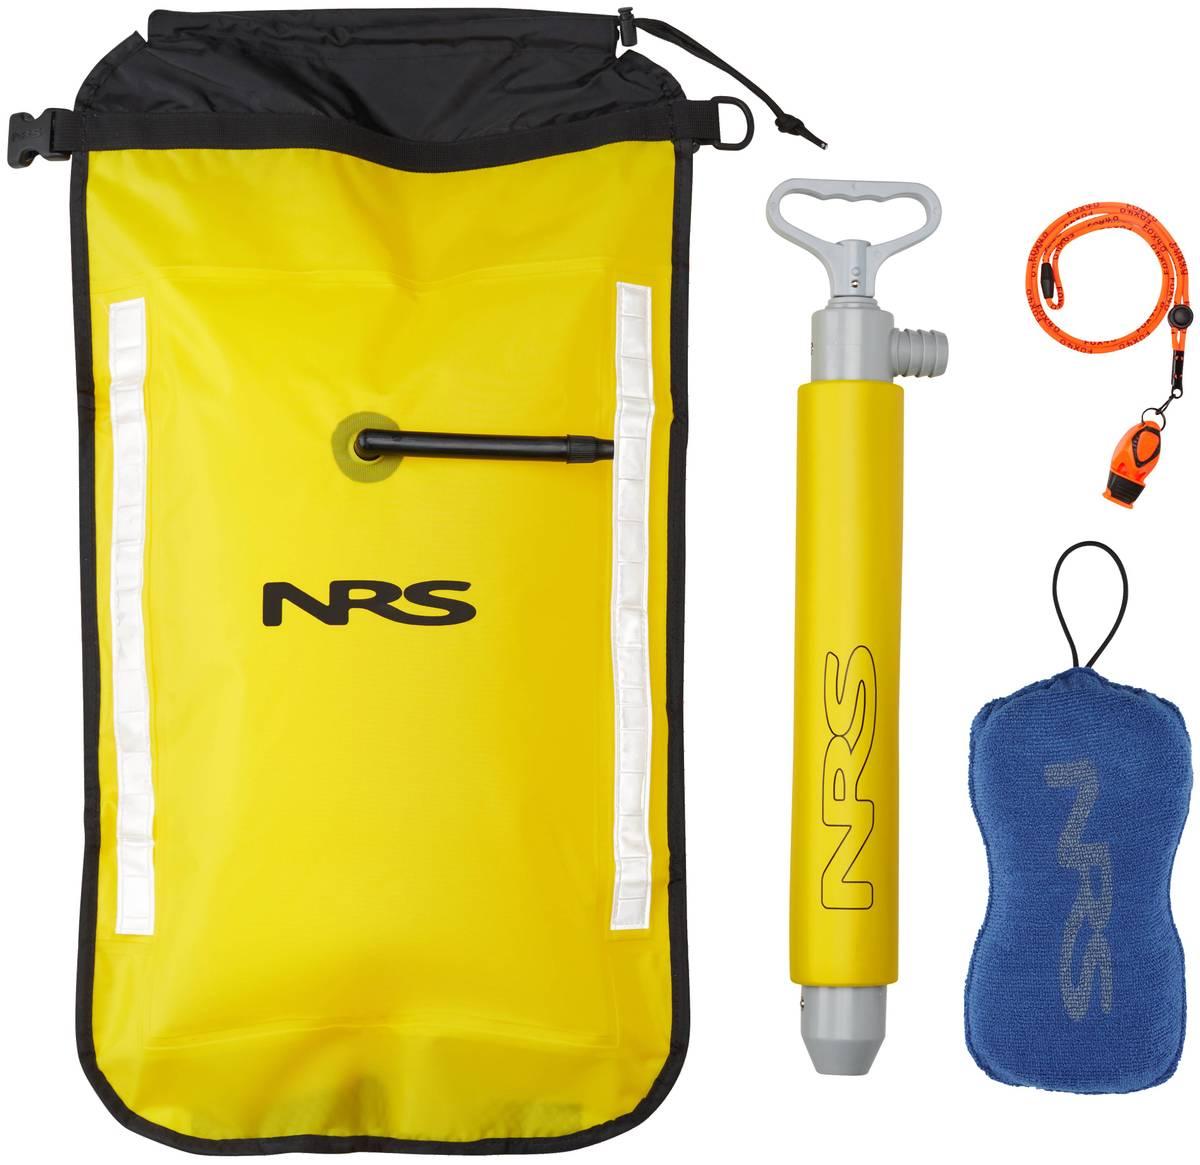 NRS Basic sikkerhetspakke